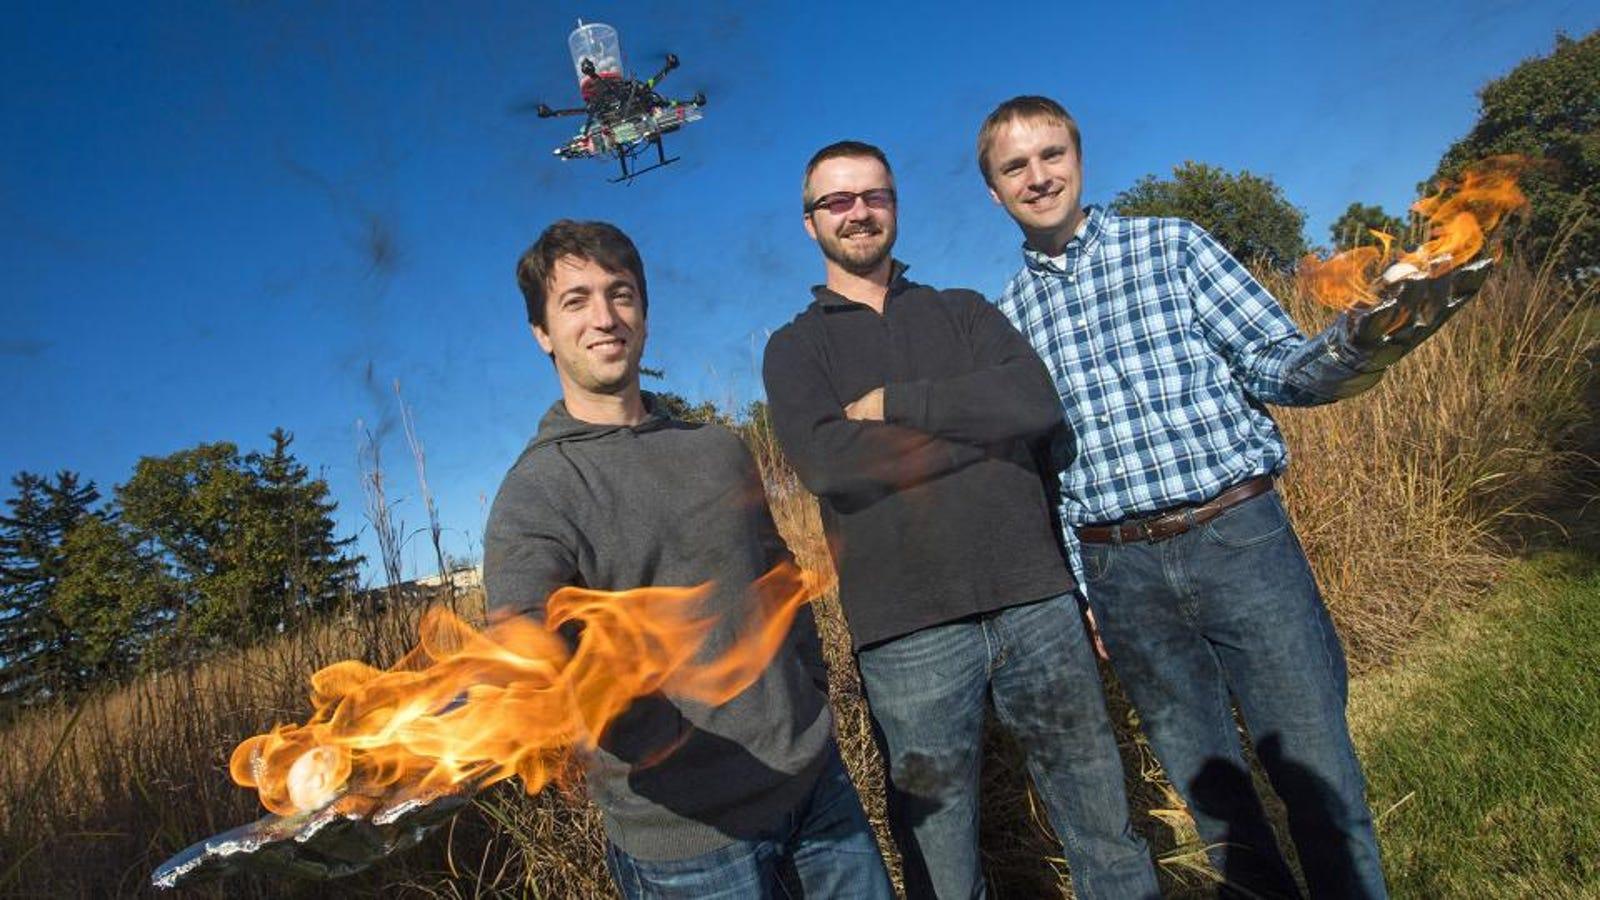 Cómo prevenir incendios con drones que disparan bolas de fuego